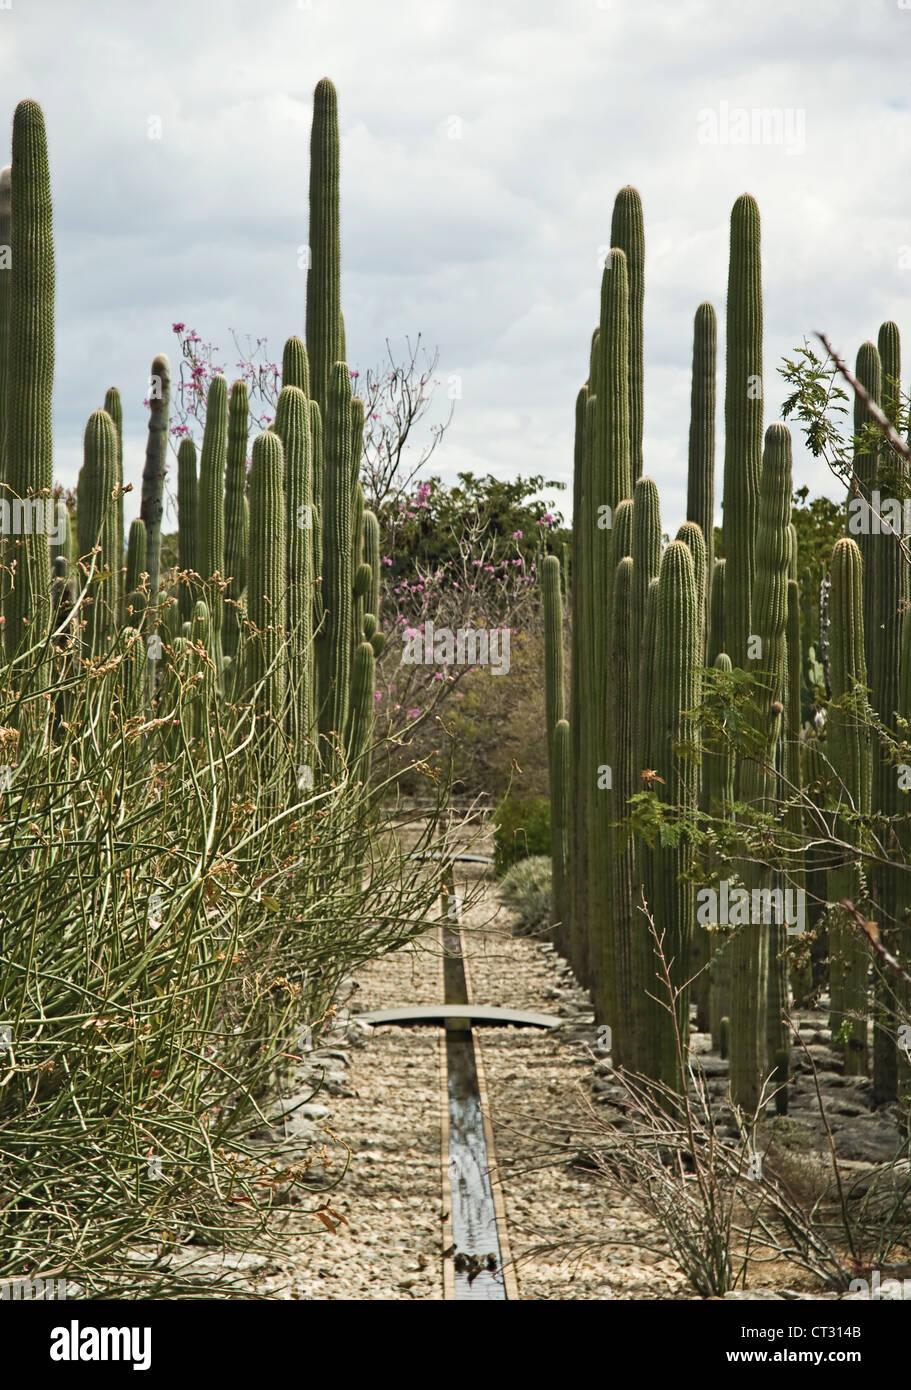 Carnegiea gigantea, Cactus, Saguaro cactus - Stock Image